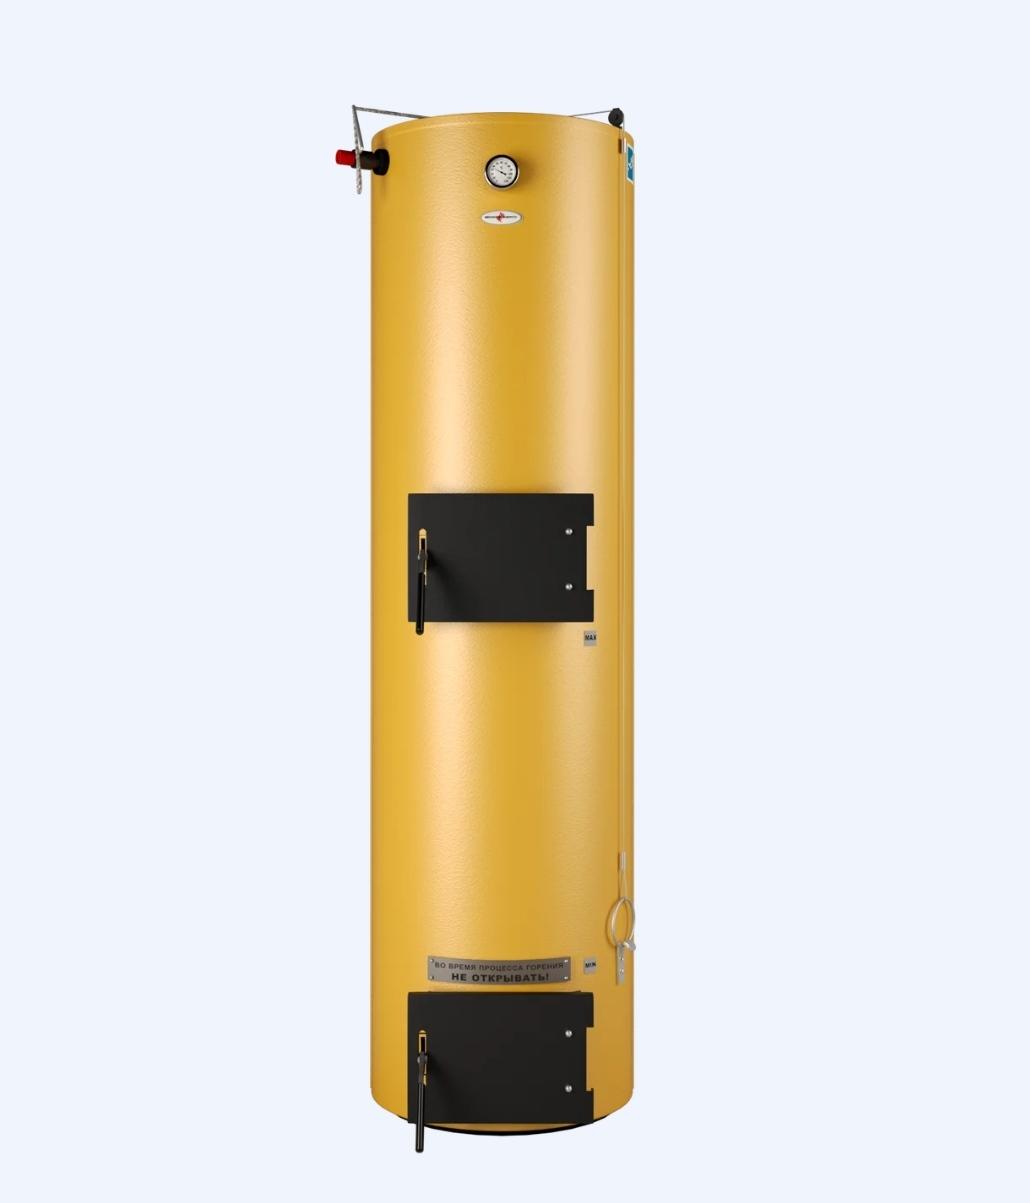 Твердотопливный котeл Механик Энерго S20 фото1